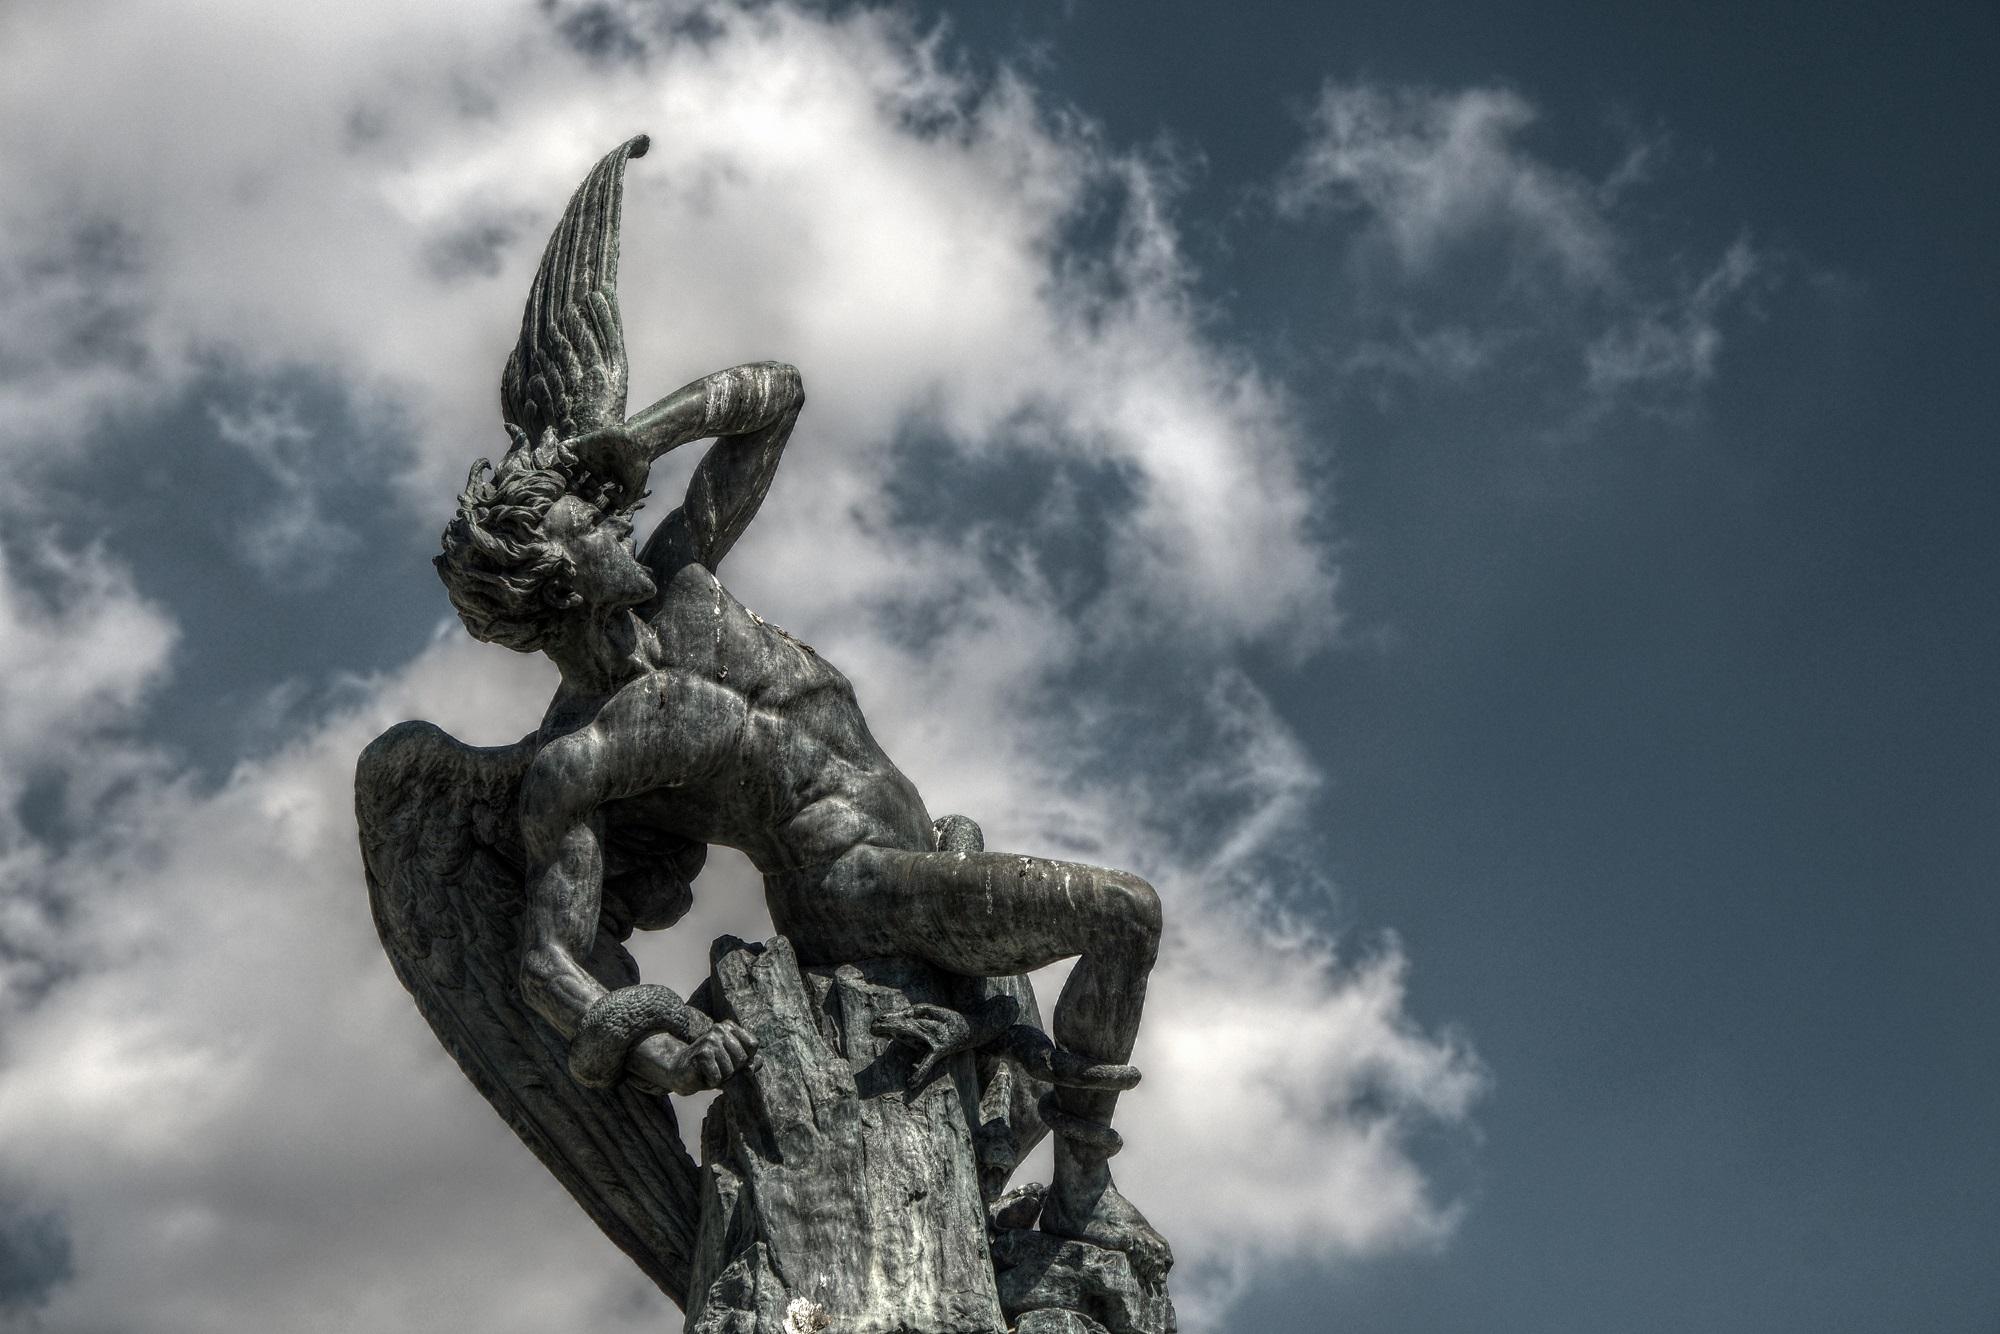 fallen angel_wiki commons.jpg